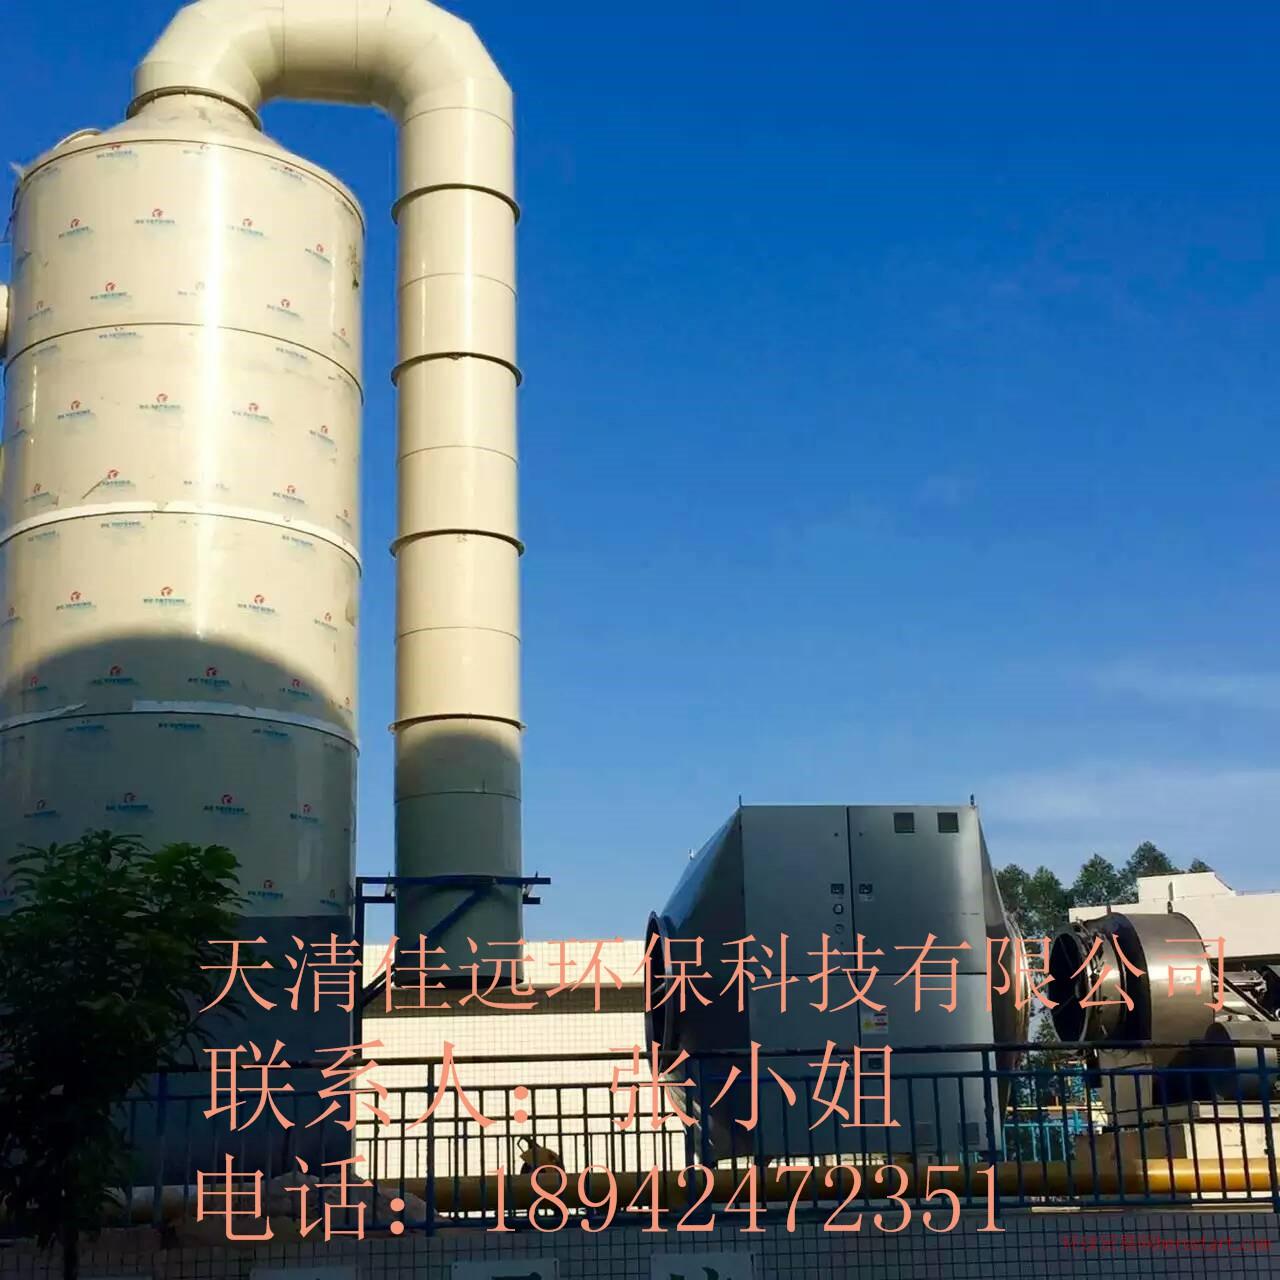 厂家供应紫外光触媒废气除臭净化器